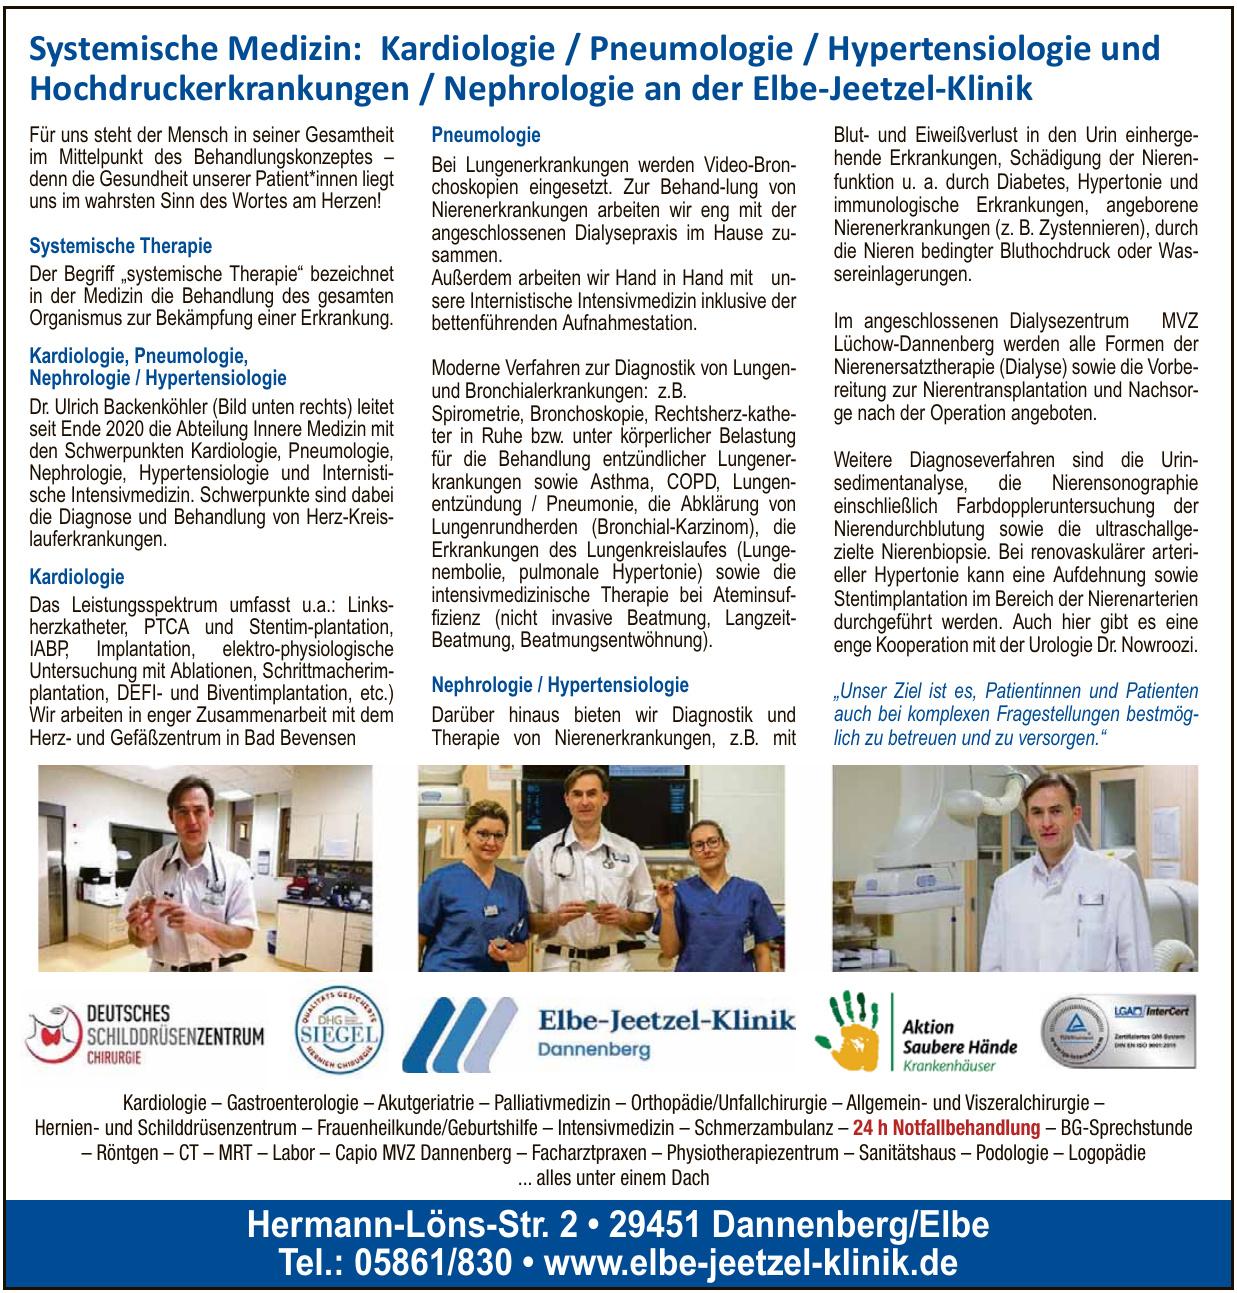 Elbe-Jeetzel-Klinik Dannenberg